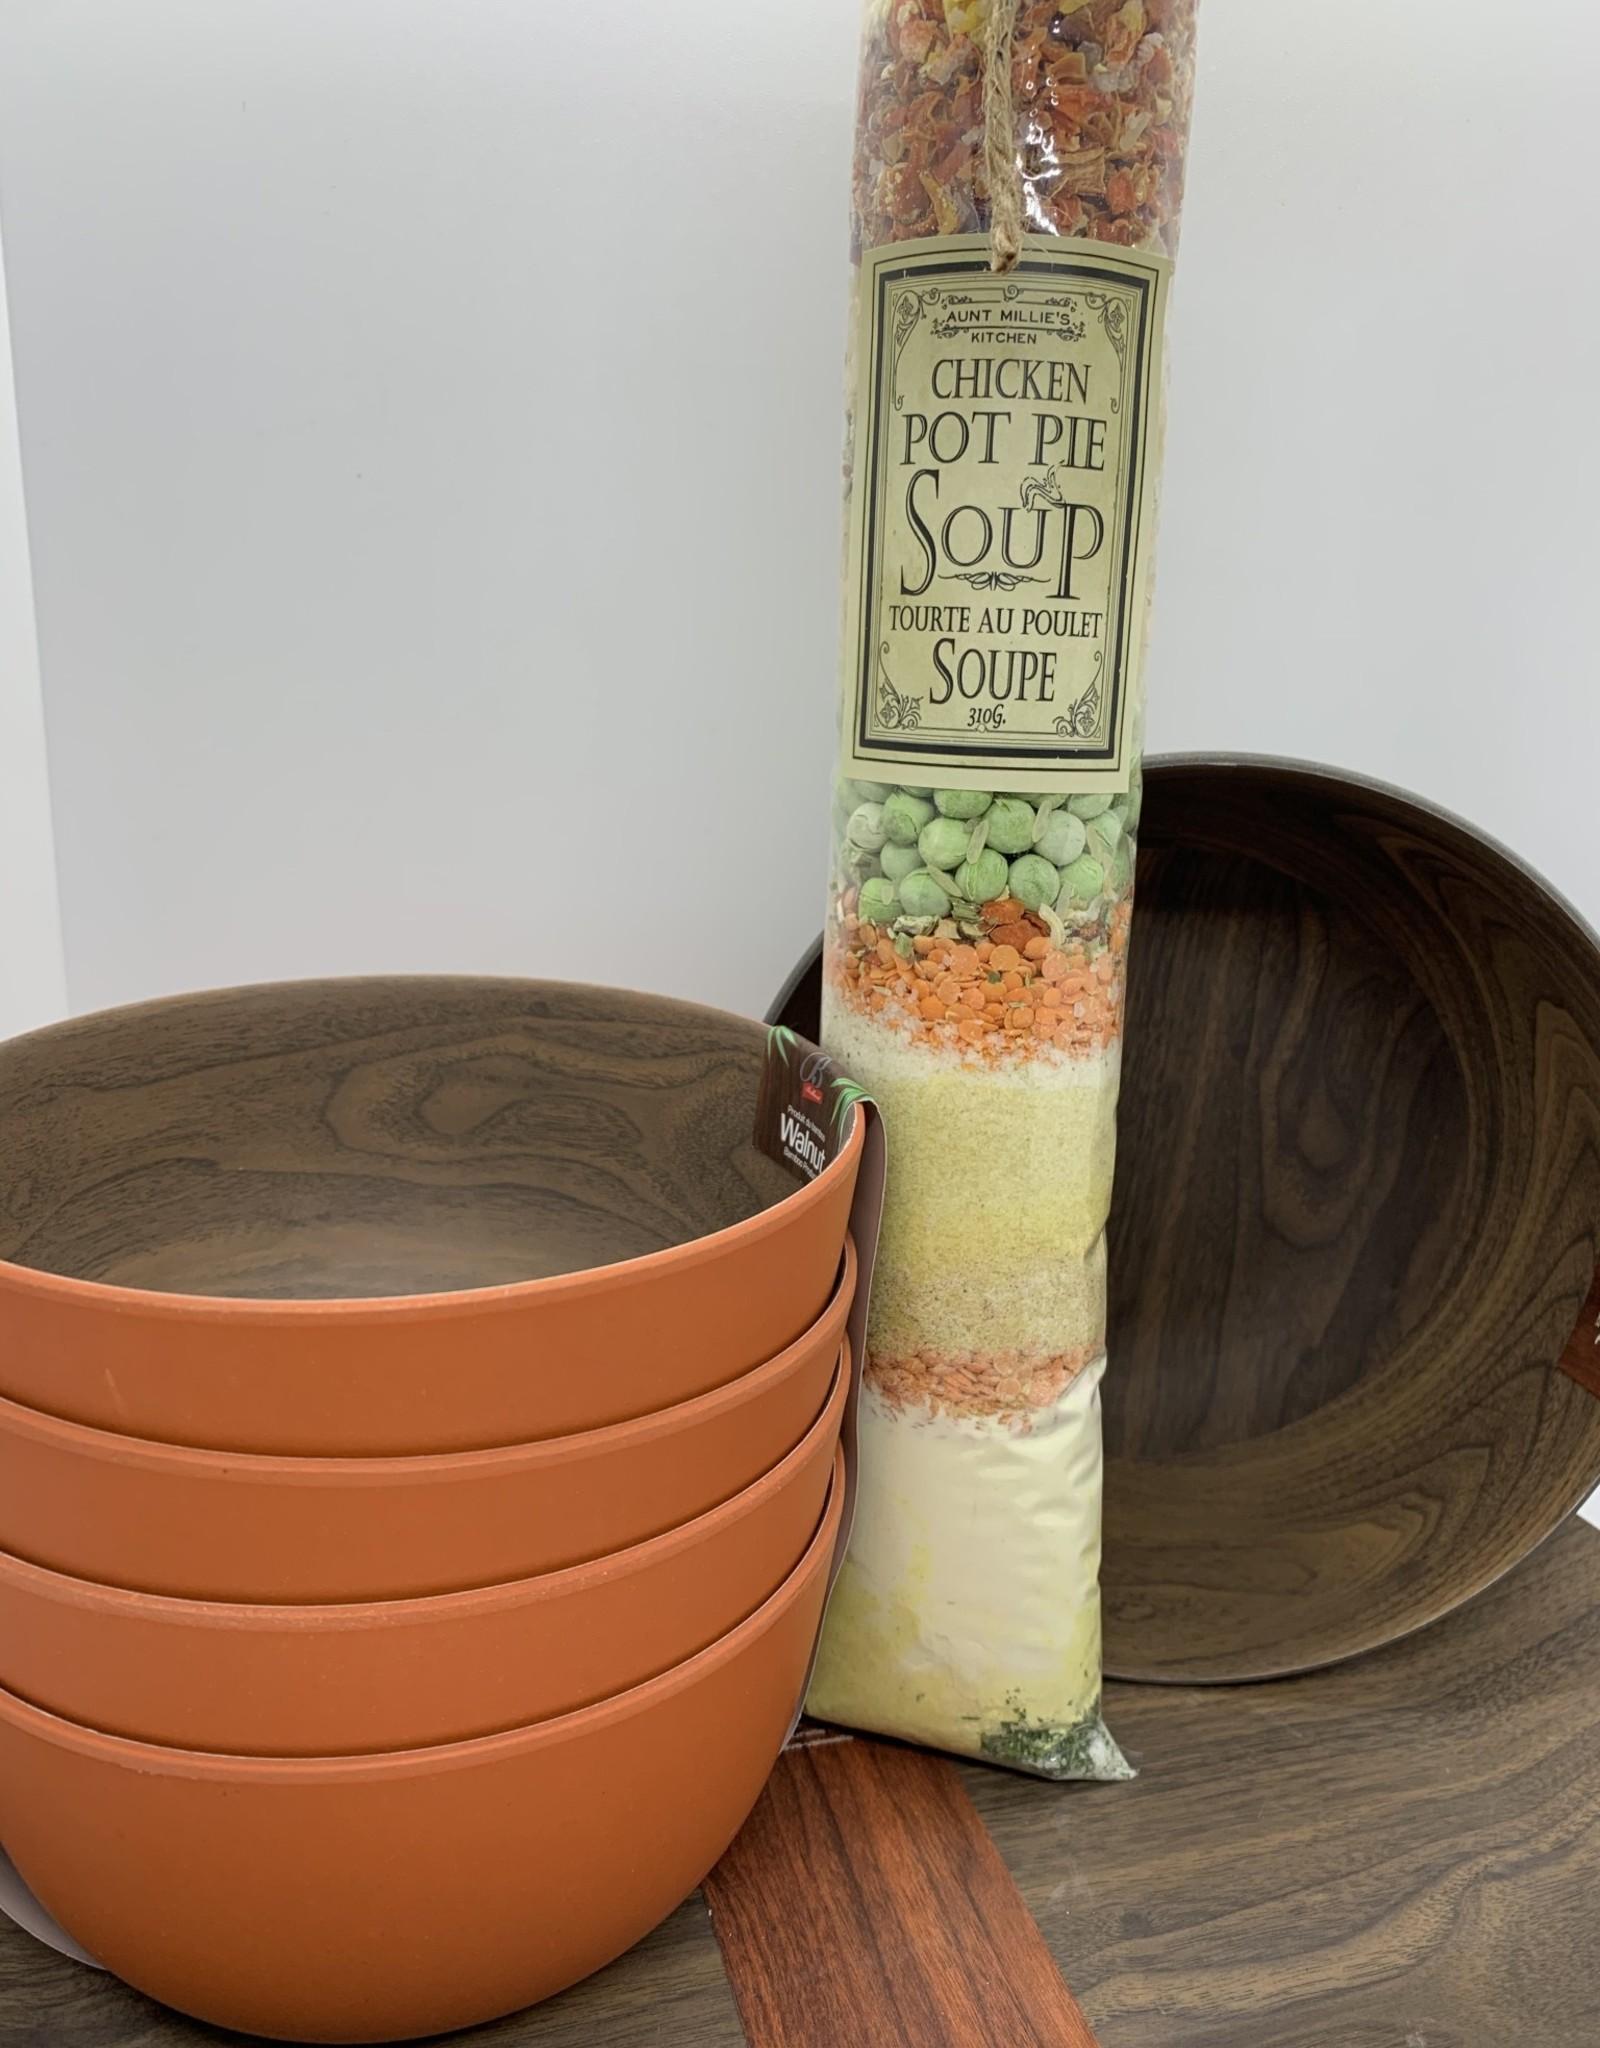 Aunt Millies Kitchen Chicken Pot Pie 12 cup